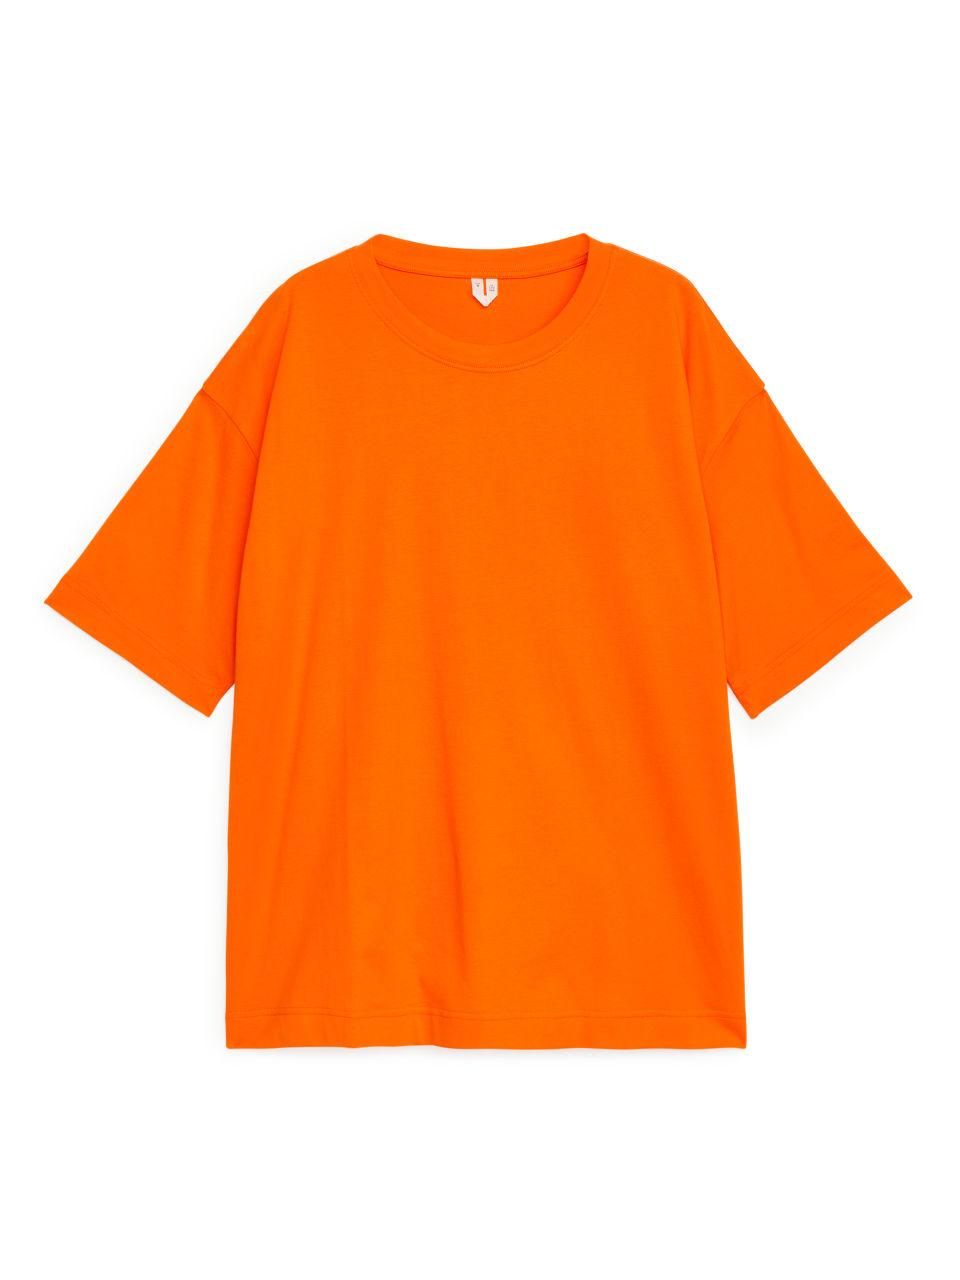 Oversized T-Shirt - Orange